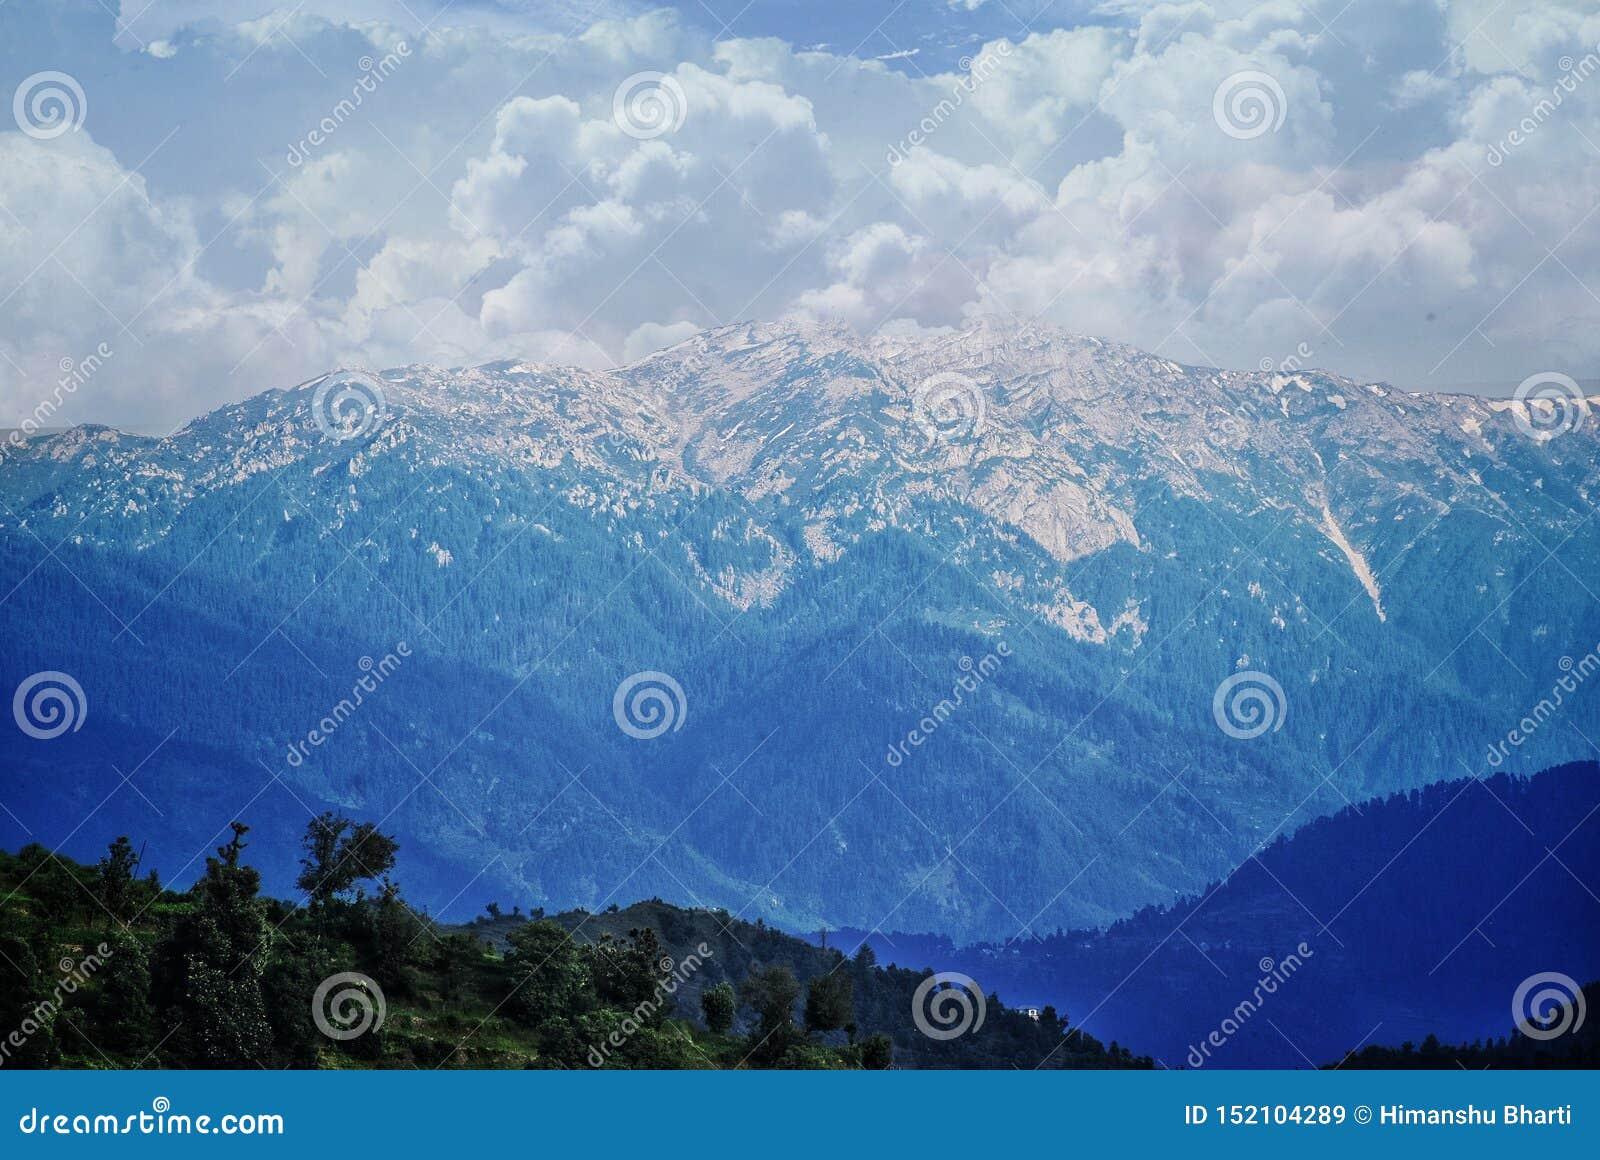 Bild av ett himalayan berg med snö och moln på den